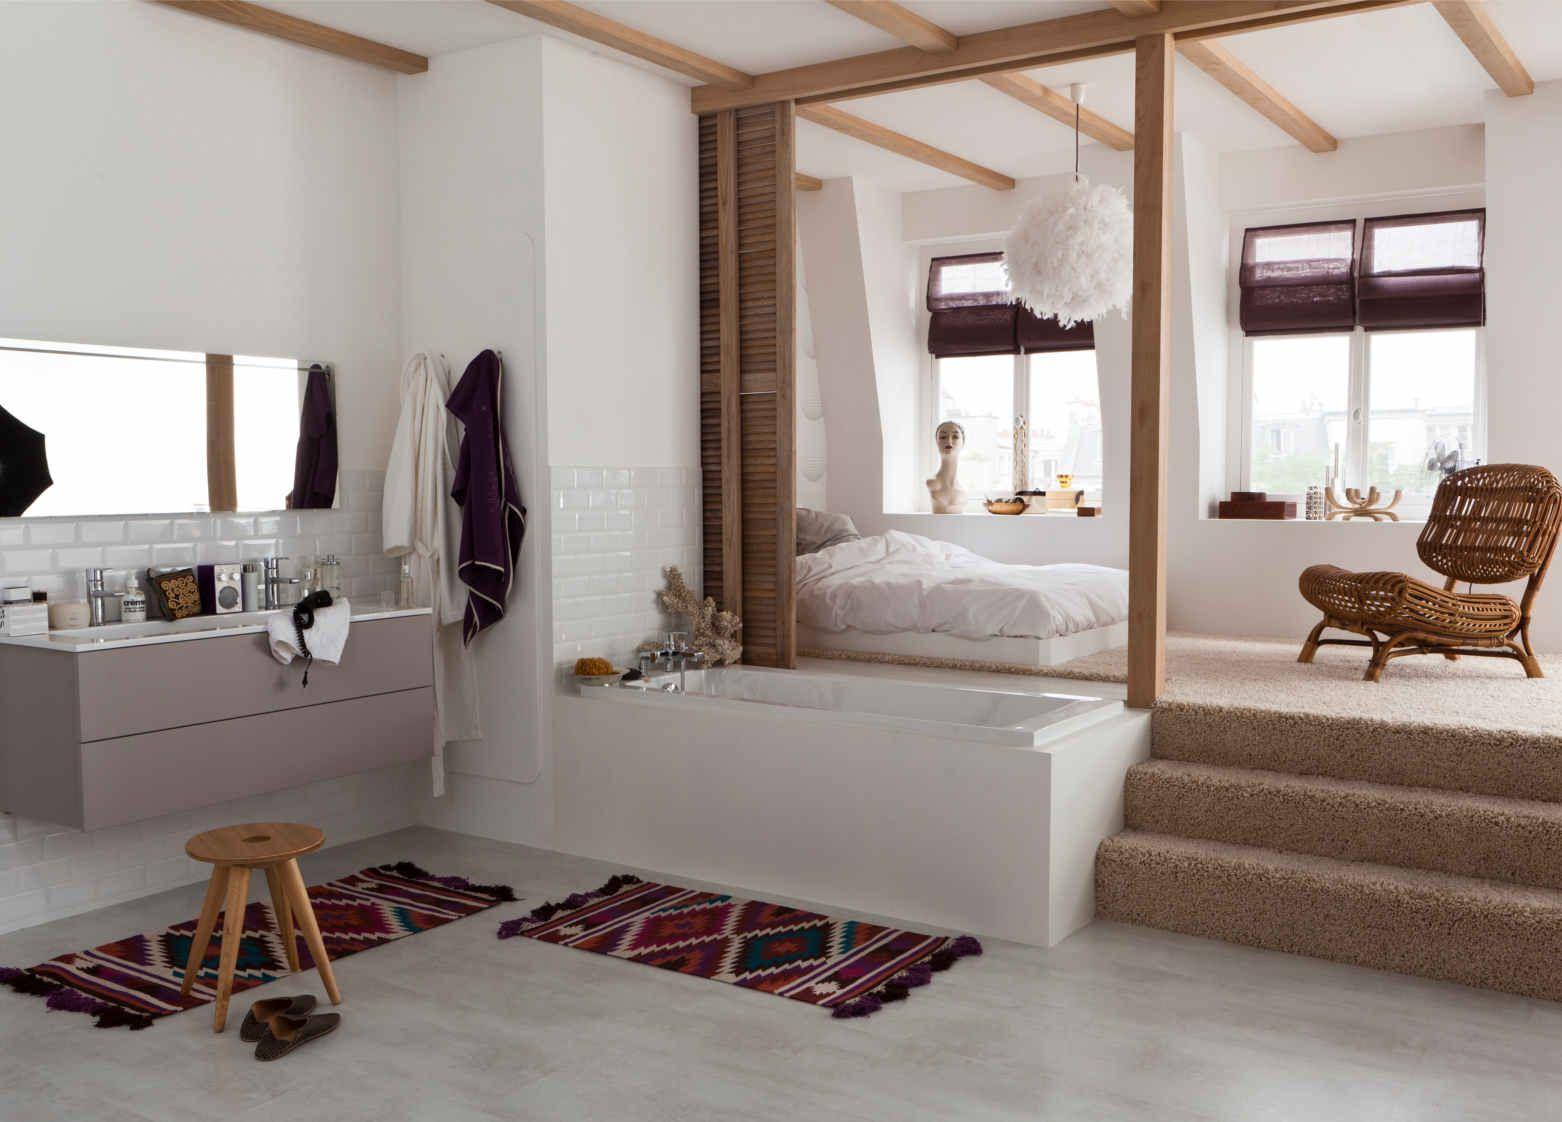 Chambre Ouverte Salle De Bain tout savoir sur la salle de bains ouverte sur la chambre